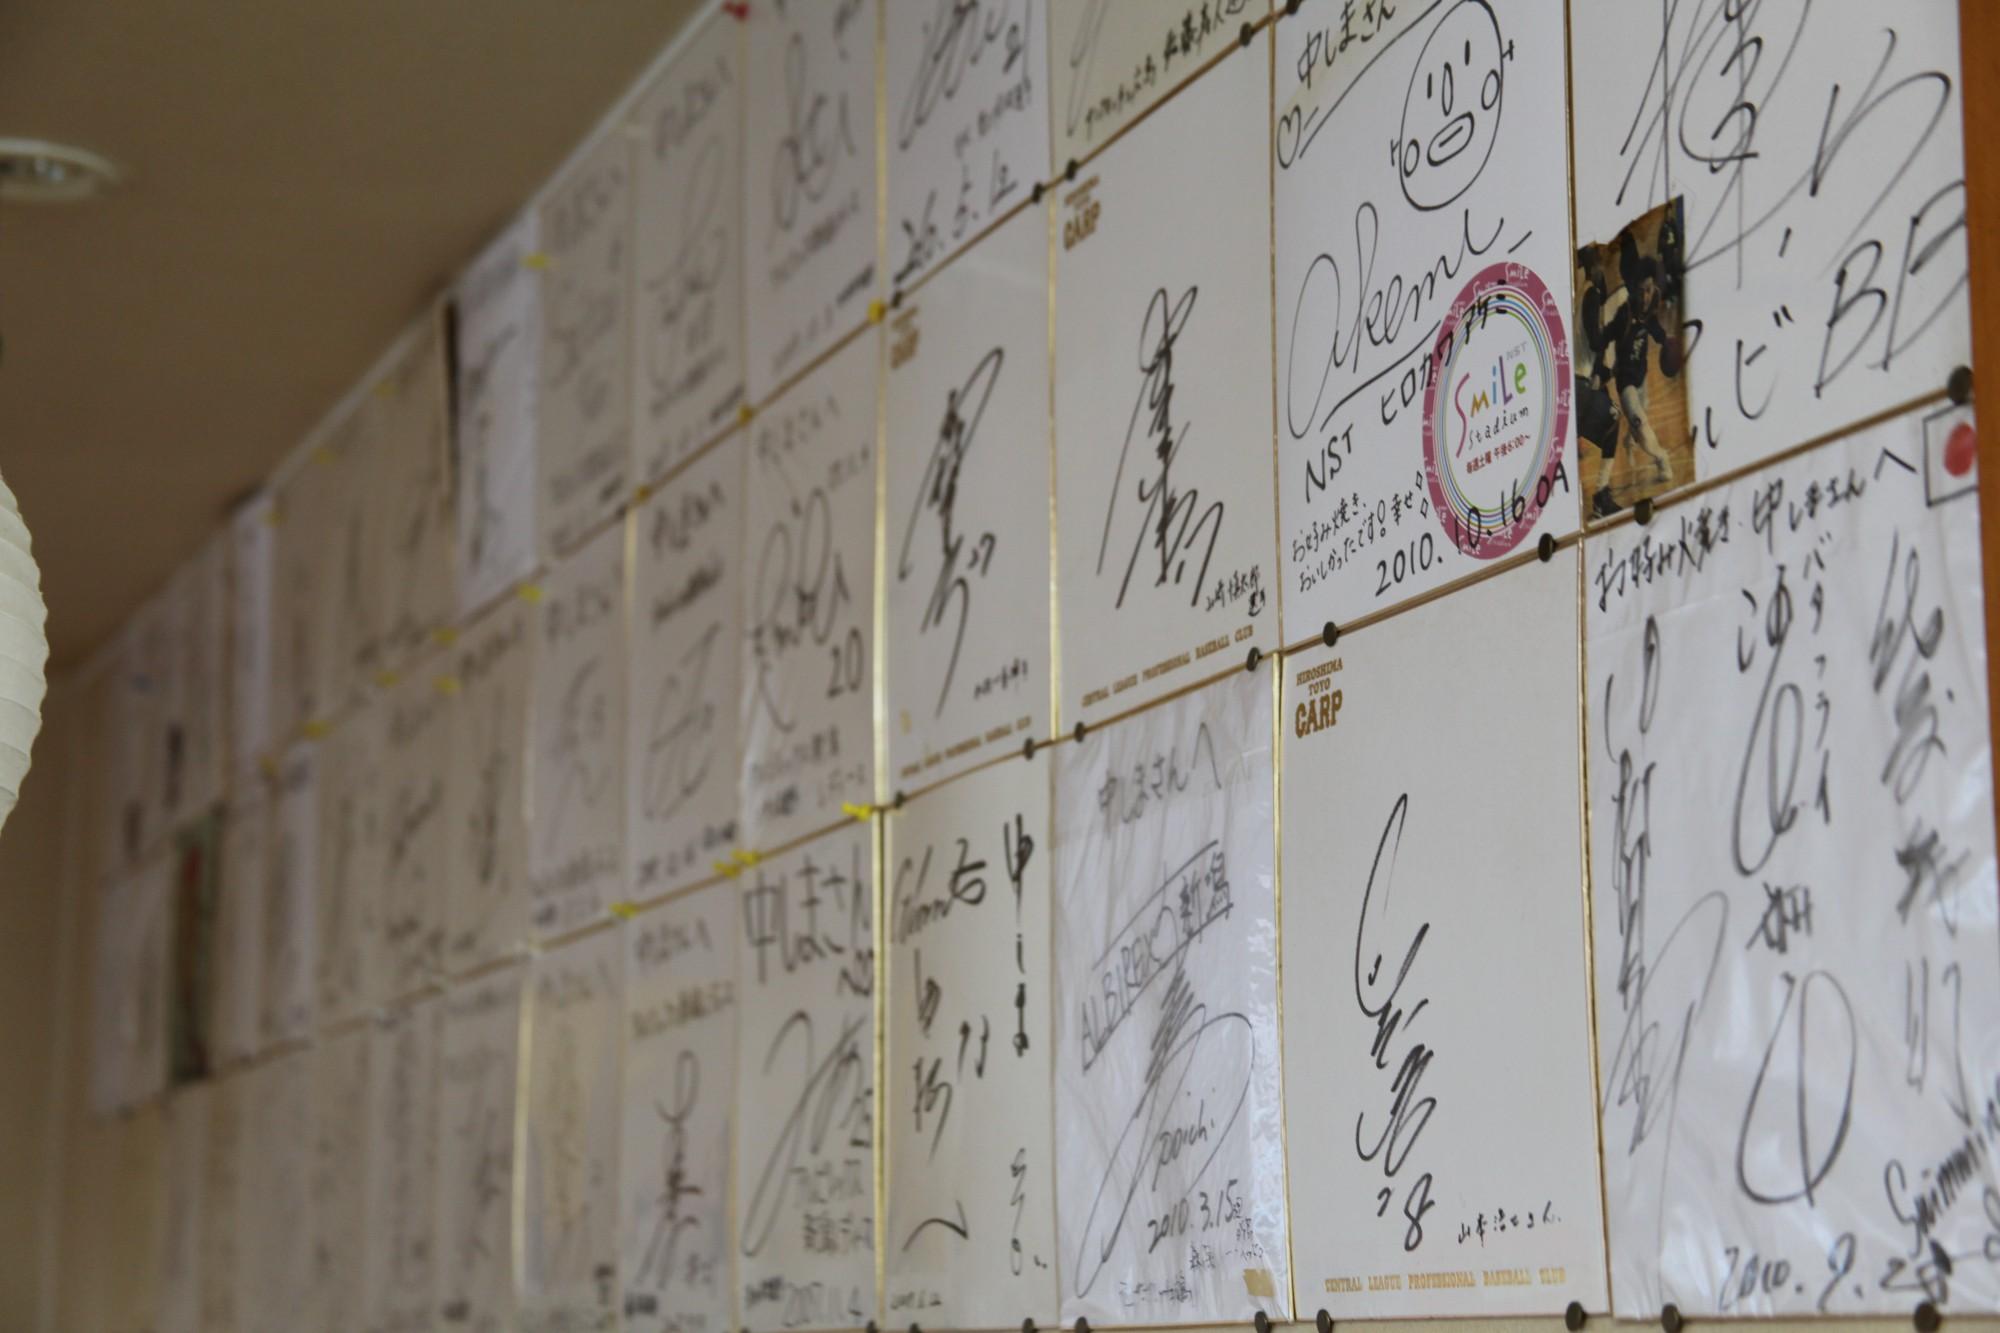 野球、サッカー、バスケットボール……。壁一面に飾られた色紙の多くがスポーツ選手のもの。